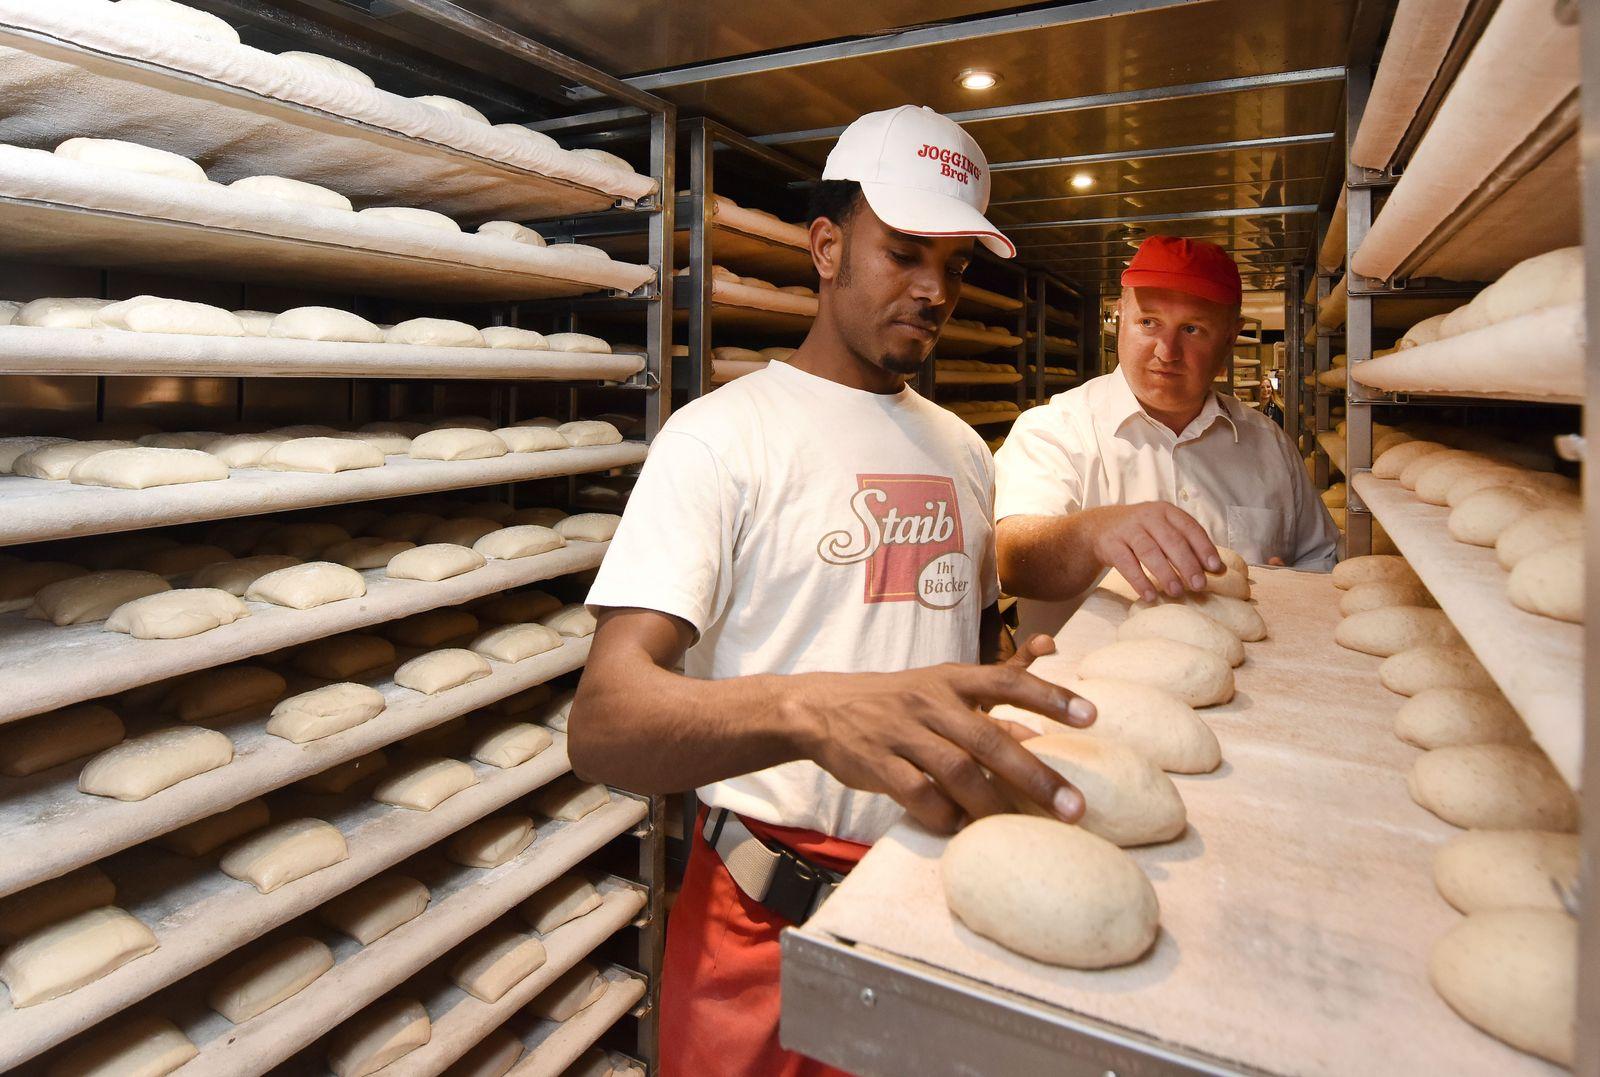 Flüchtling startet Ausbildung zum Bäcker / AZUBI